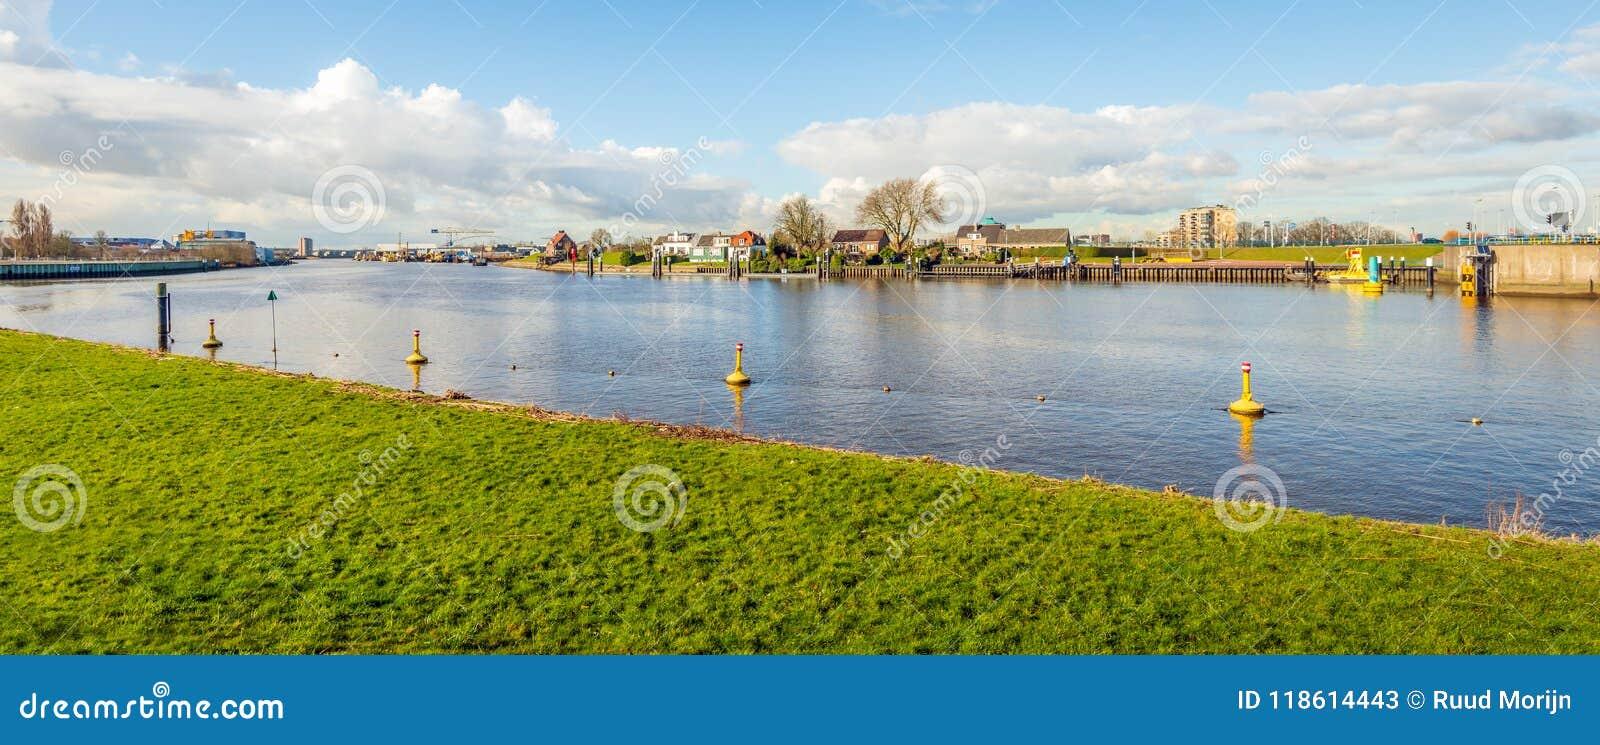 Ansicht über das Hollandse IJssel bei Capelle aan den Ijssel